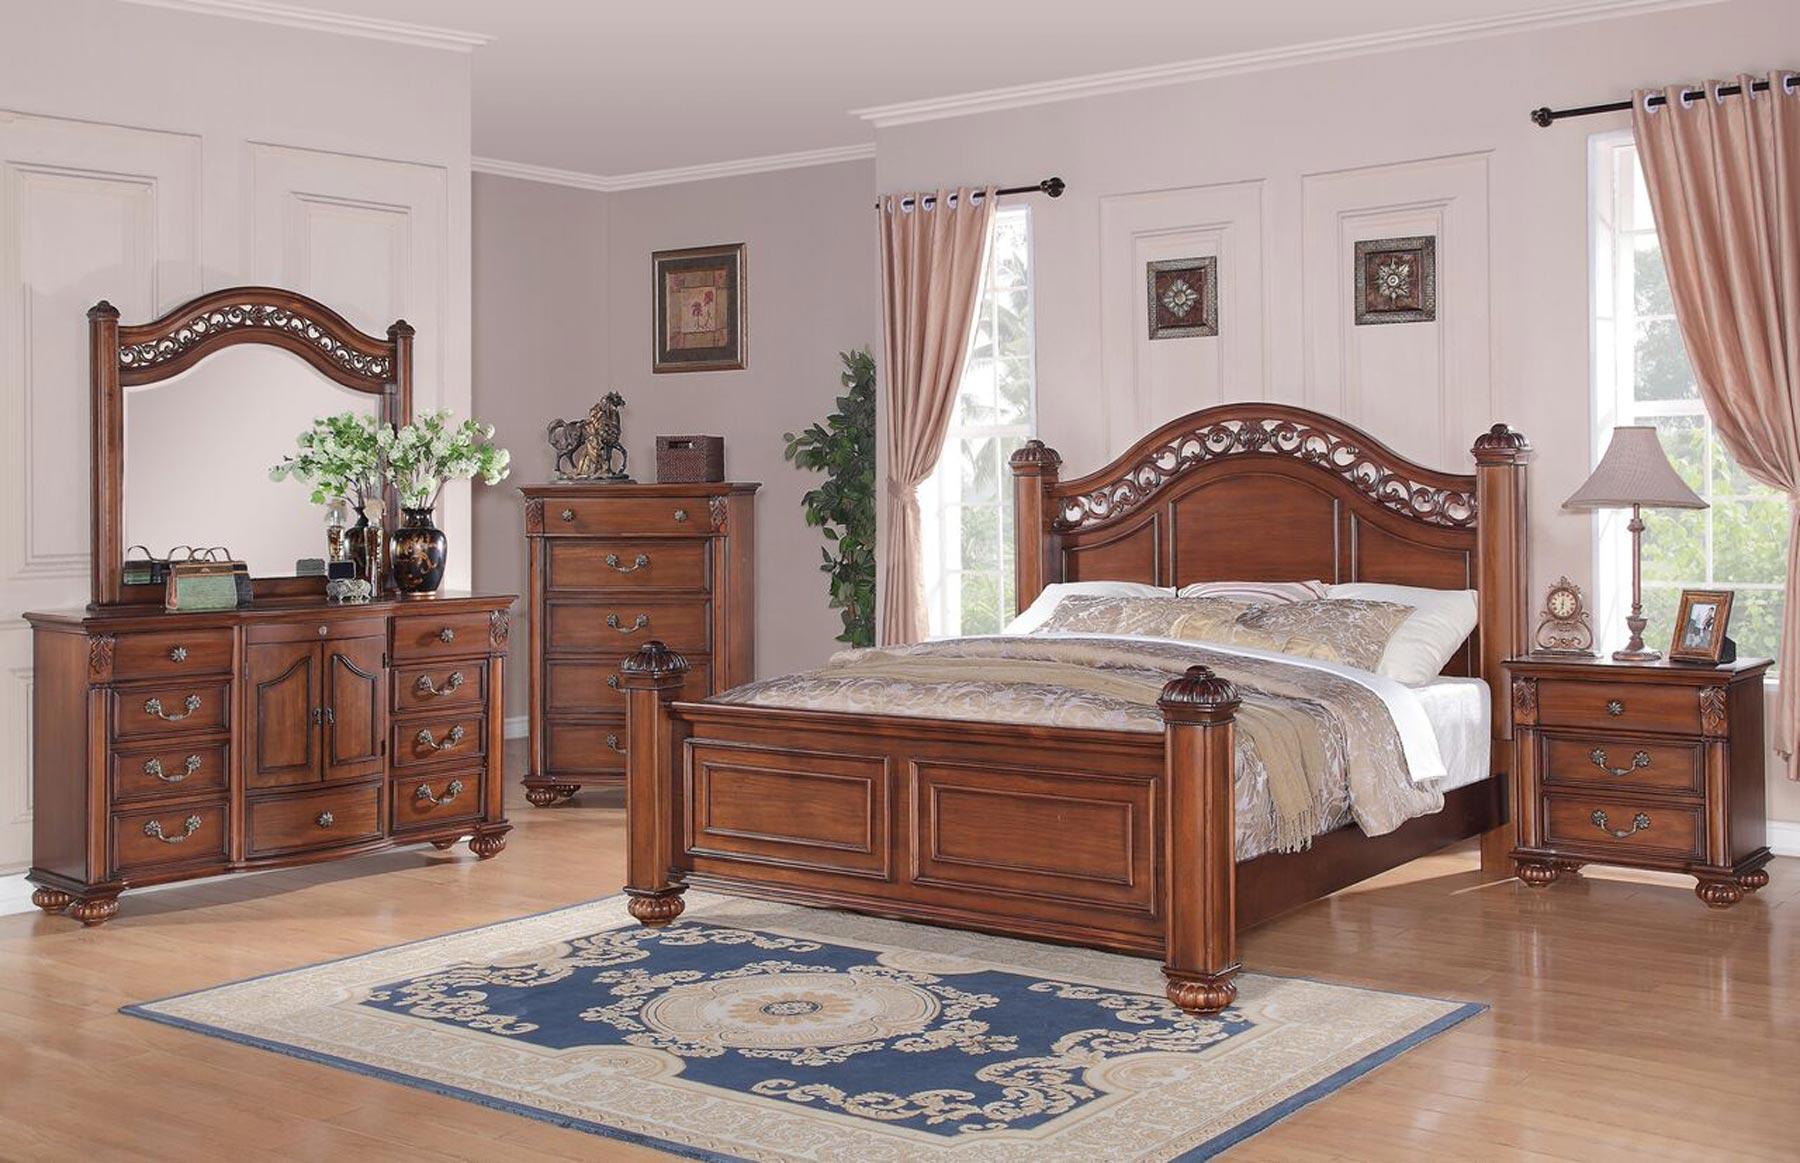 Barkley 6 Piece Bedroom Set